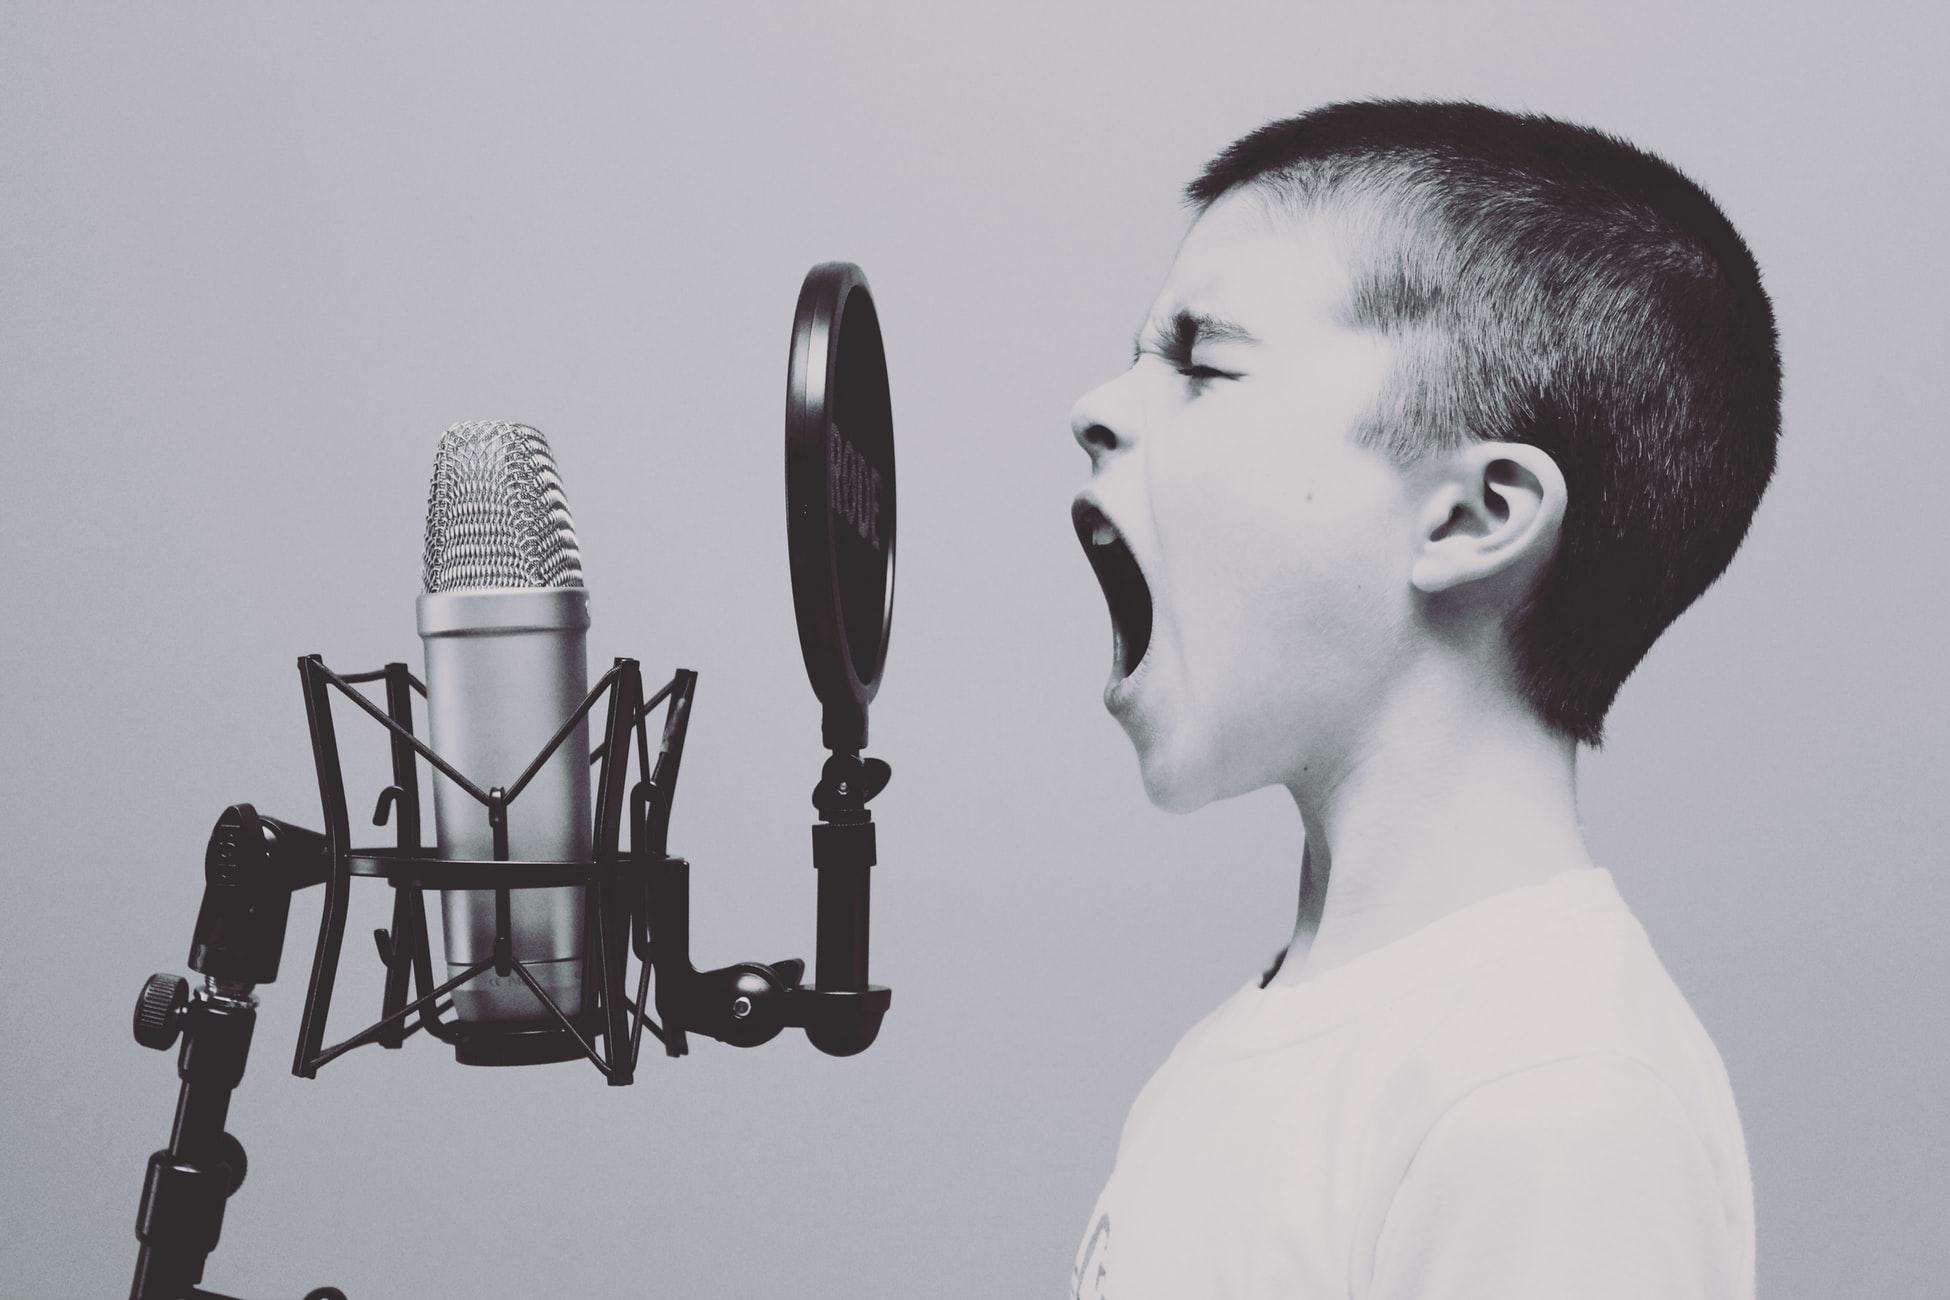 誘い方3:あなたの声が聞きたい...